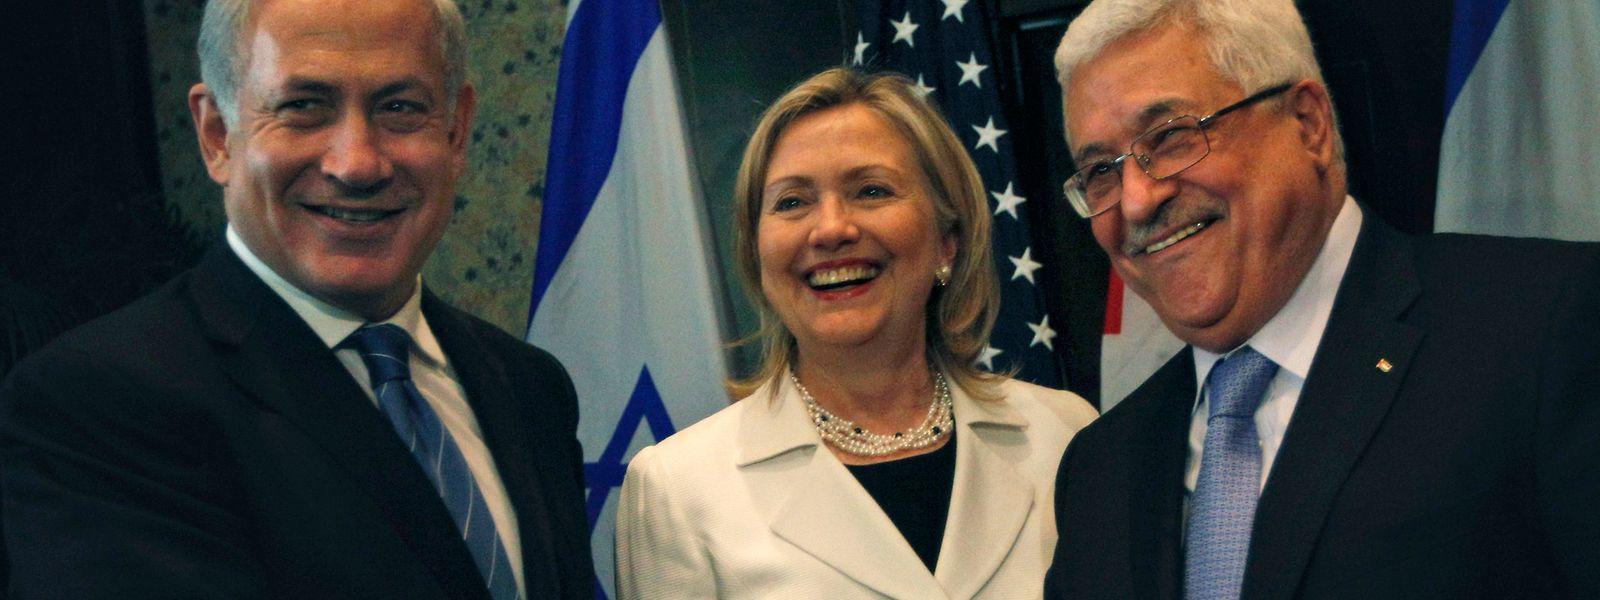 Die beiden Schlüsselspieler bei den Bemühungen um einen dauerhaften Frieden, Israels Premier Benjamin Netanjahu (l.) und Palästinenserpräsident Mahmoud Abbas (r.) bei einem Treffen mit der damaligen US-Aussenministerin Hillary Clinton 2010. Sowohl Netanjahu als auch Abbas fehlt derzeit der notwendige politische Rückhalt, um eine umfassende Lösung im Nahost-Konflikt zu vereinbaren.